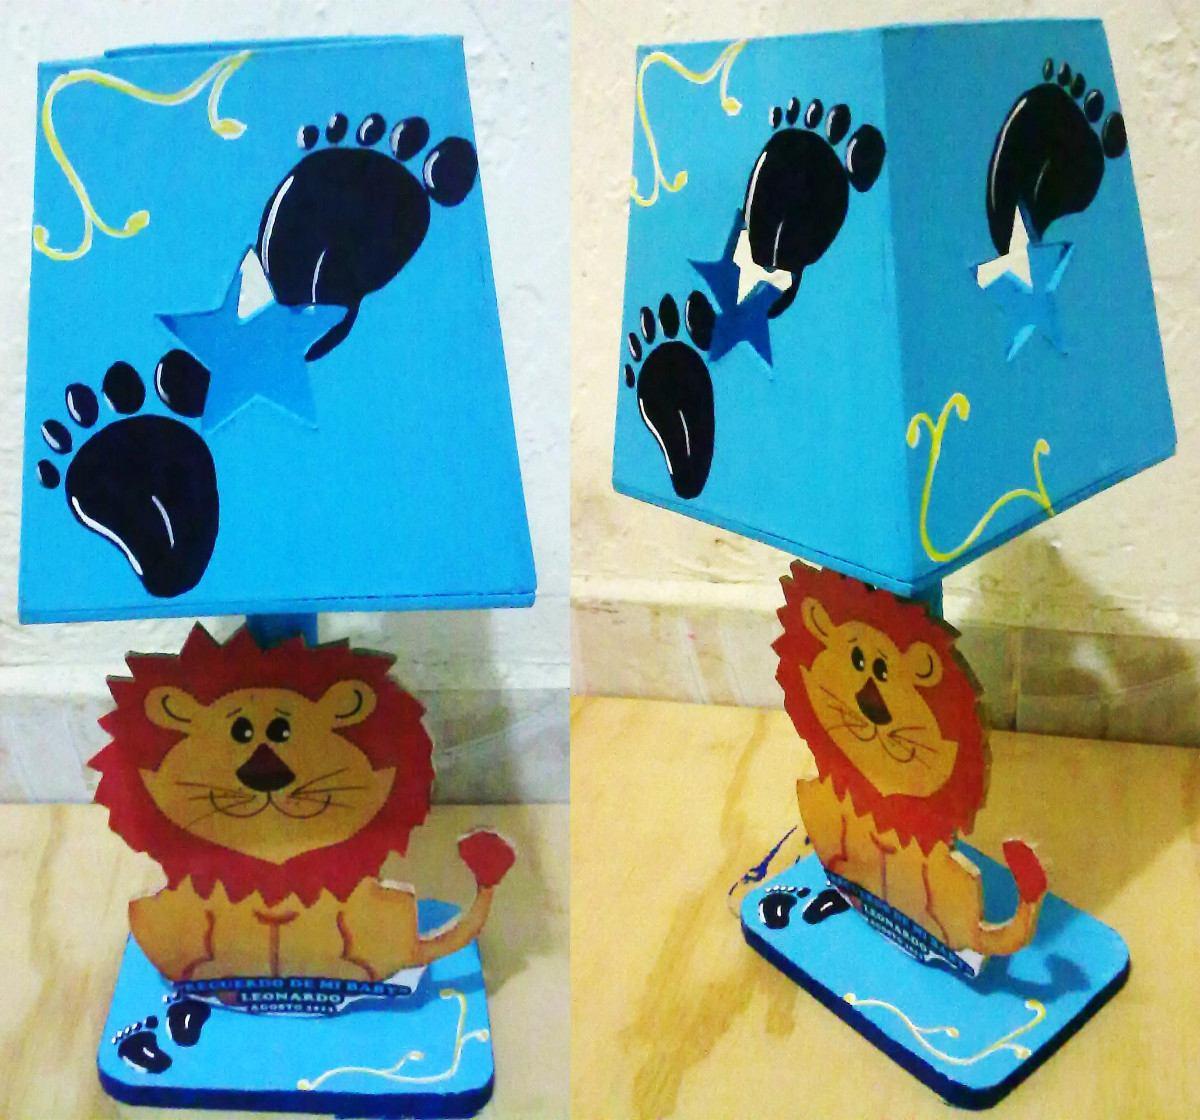 Centros infantiles lamparas de ni os fiestas infantiles for Calcomanias para pared infantiles